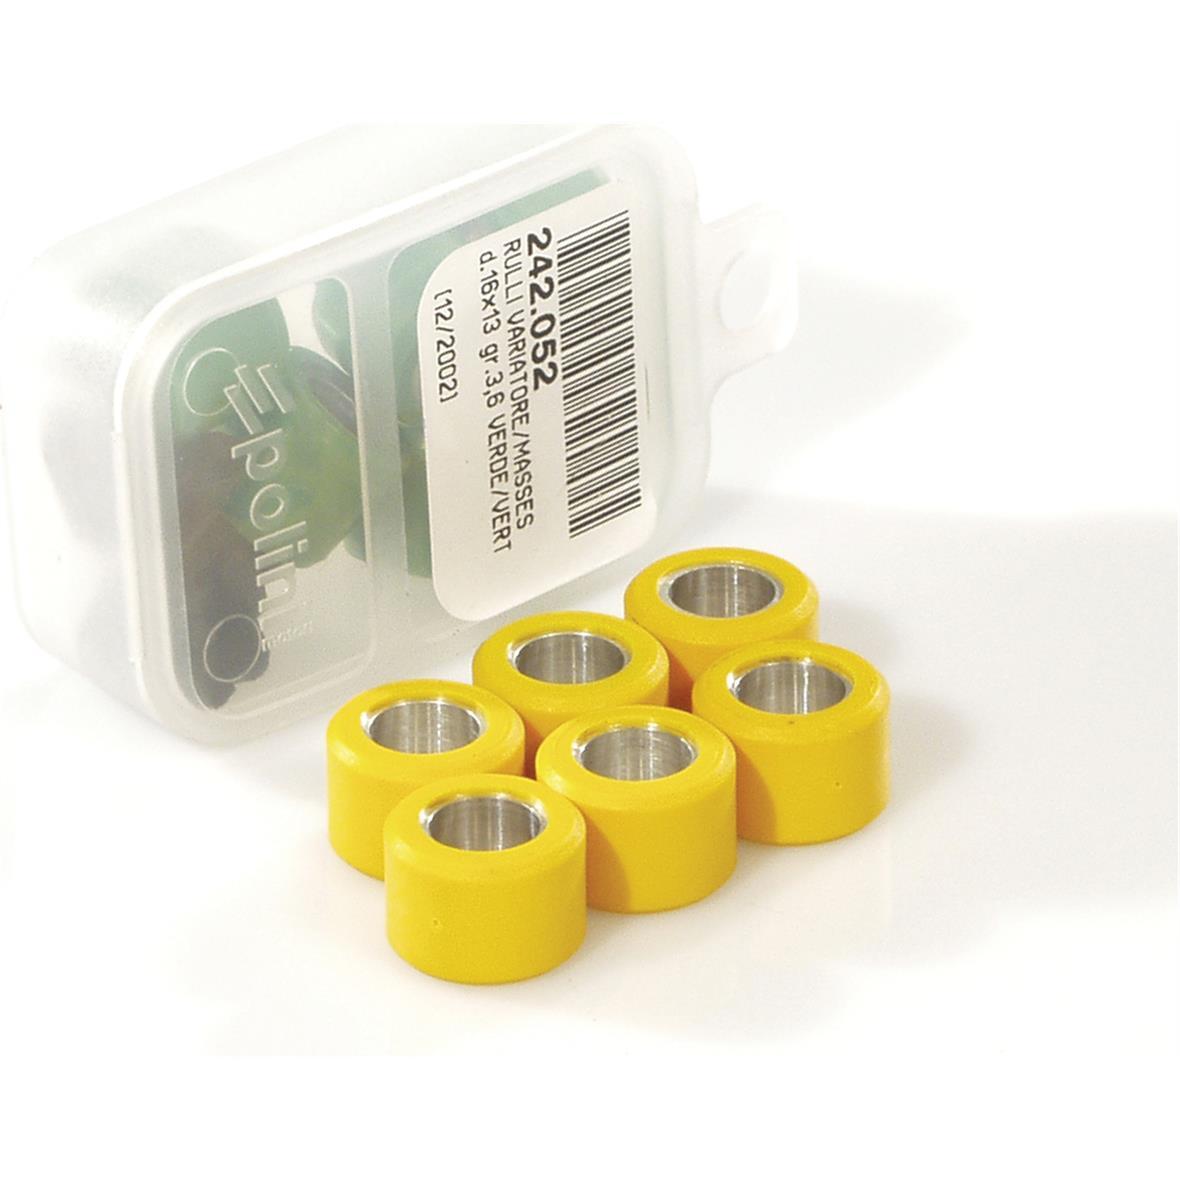 Produktbild für 'Variatorrollen POLINI 23x18 mm 21,9g'